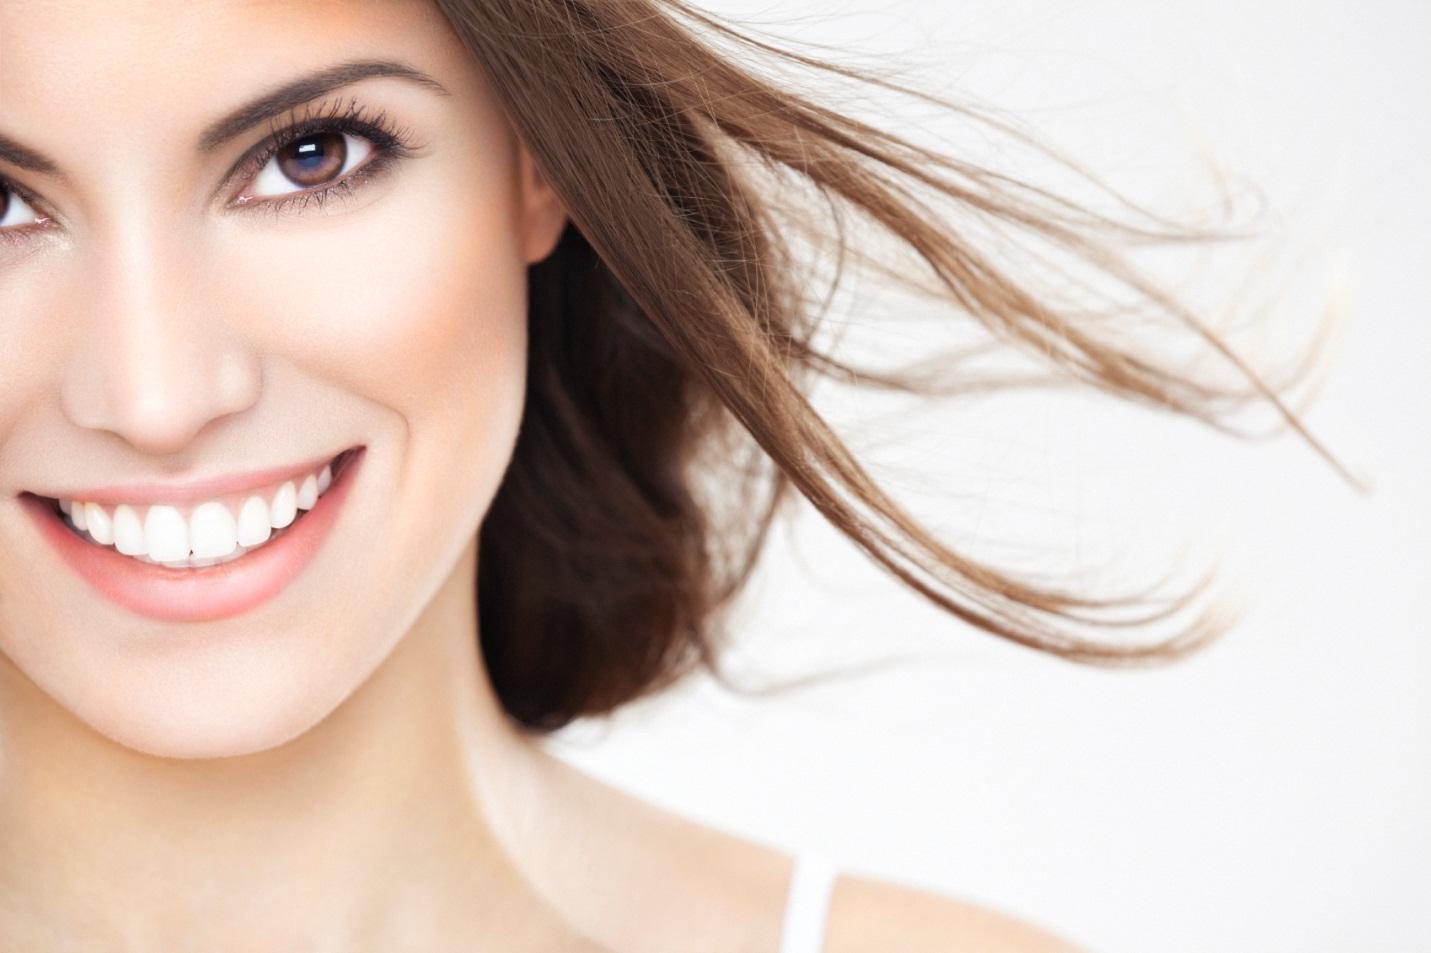 Điều trị sẹo rỗ lâu năm – làm sao cho hiệu quả?